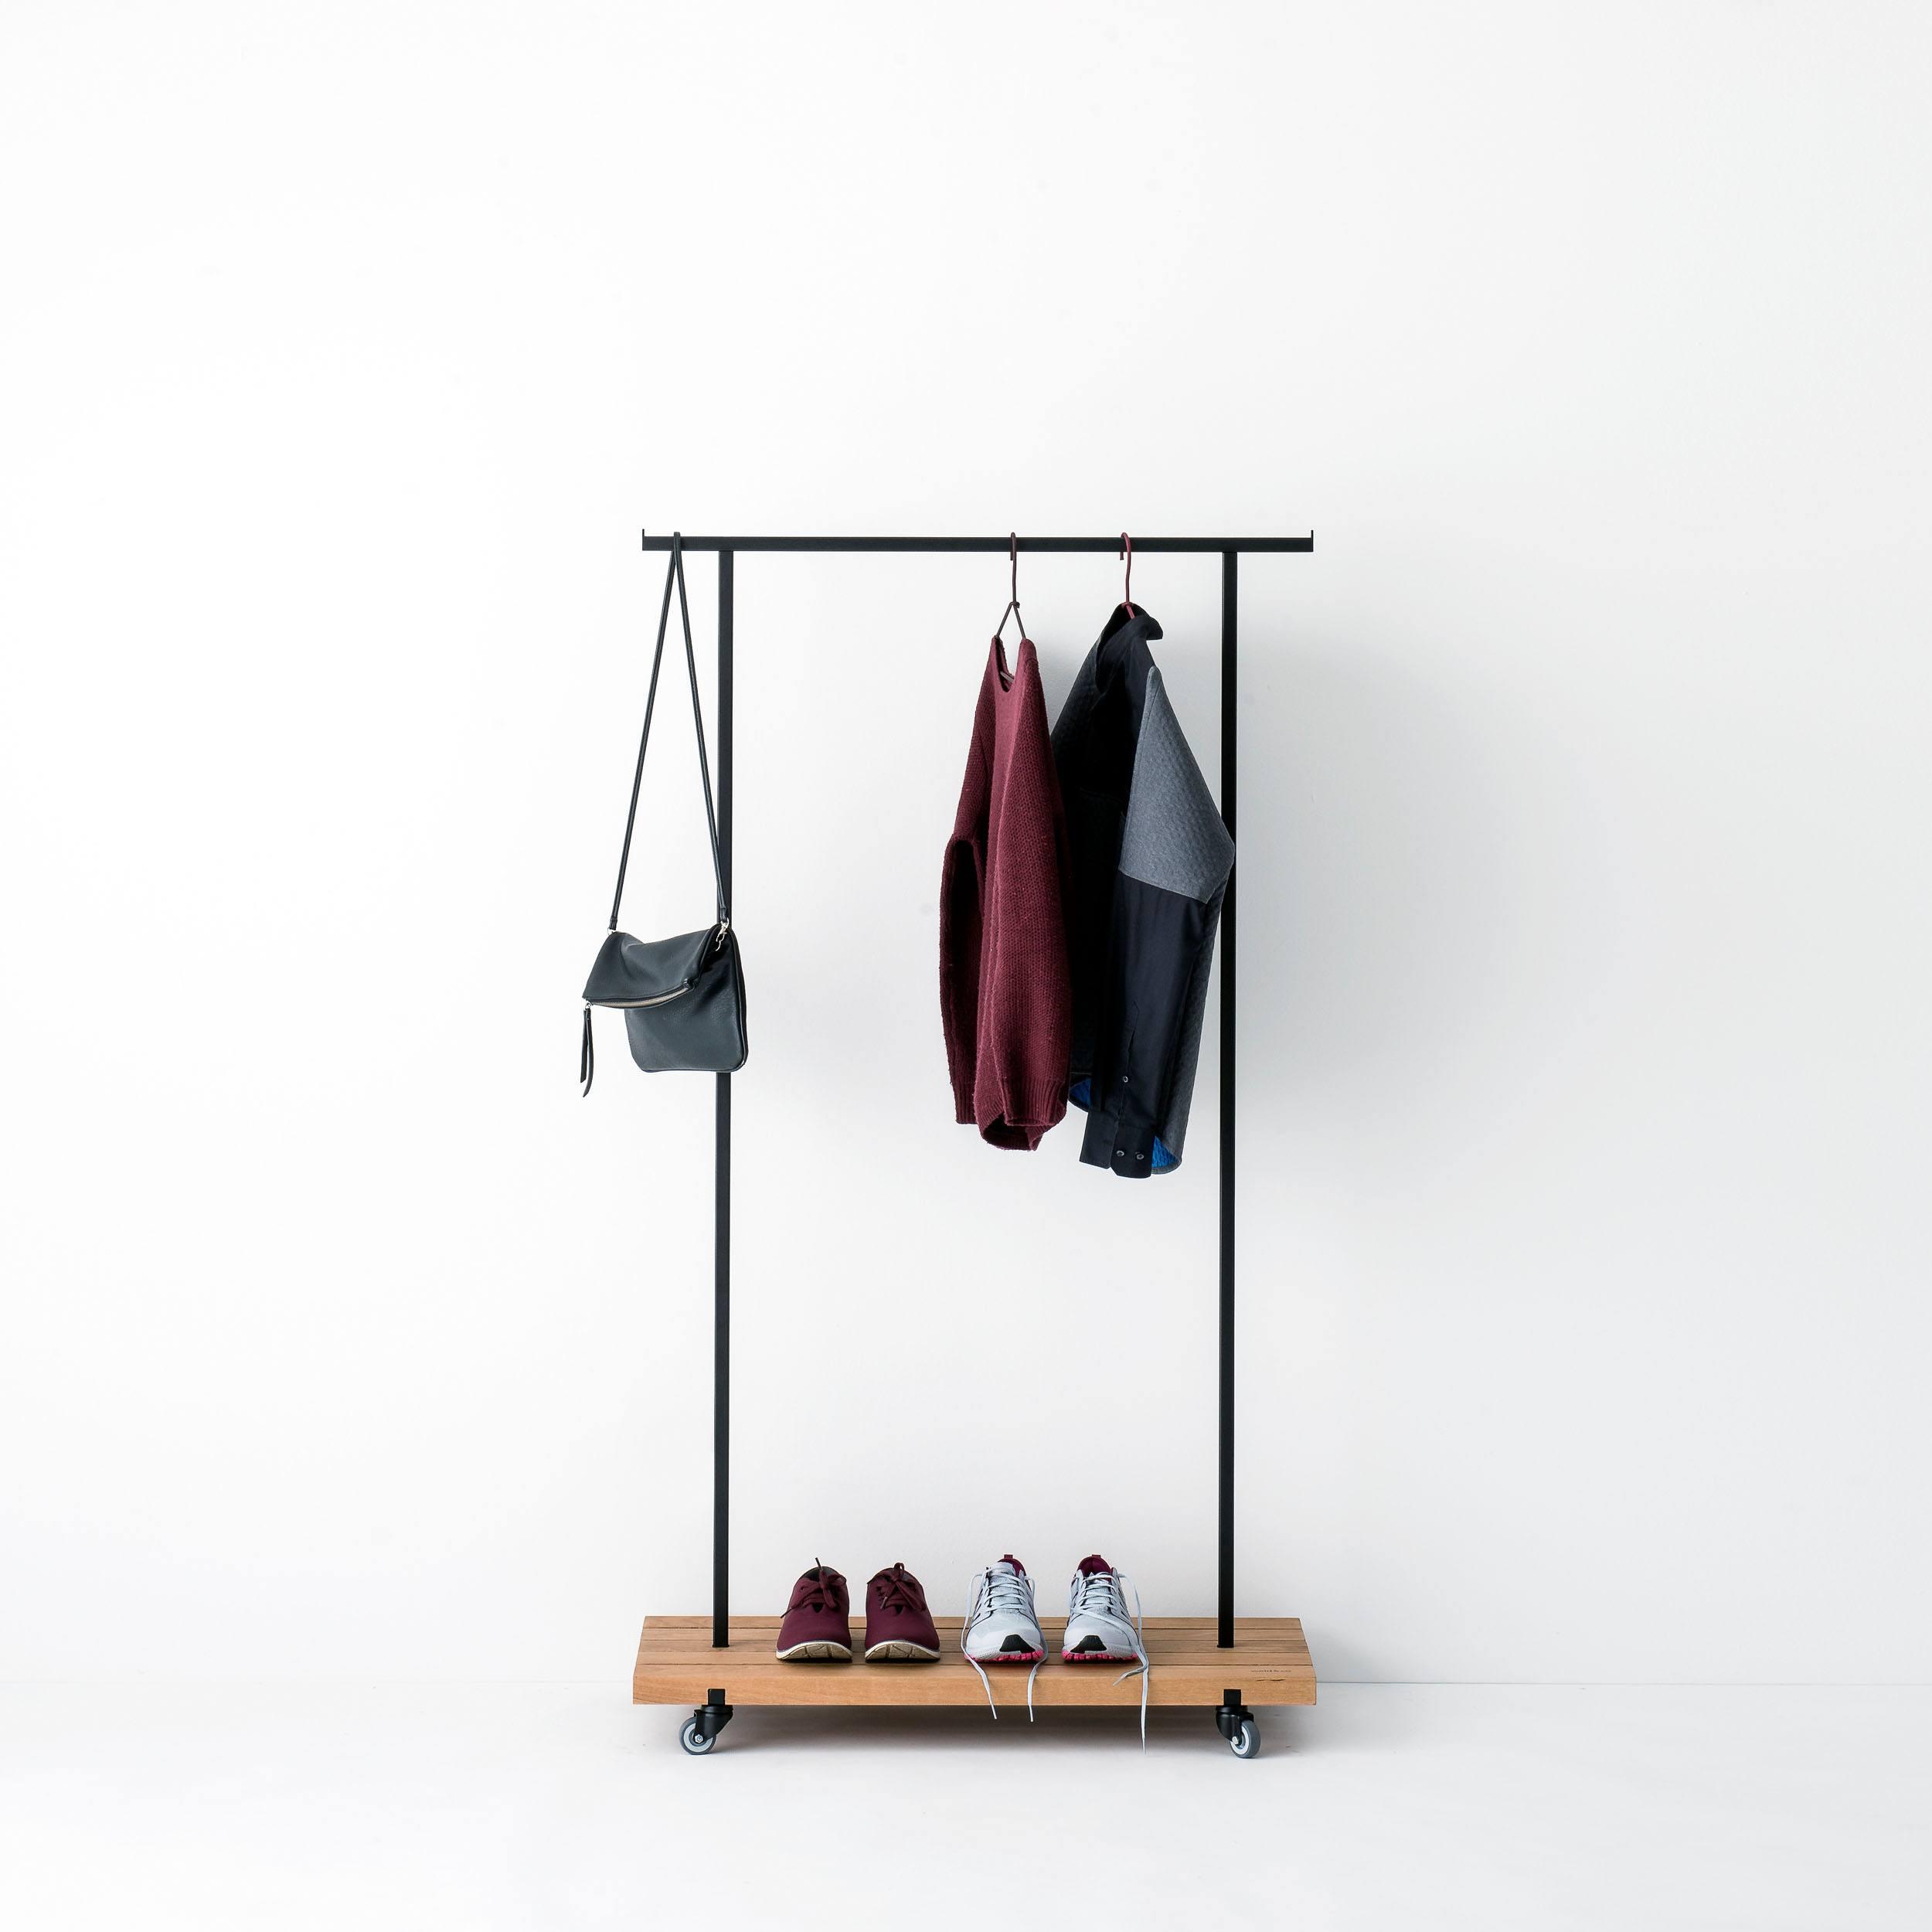 Eiche Garderobe mit Rollen